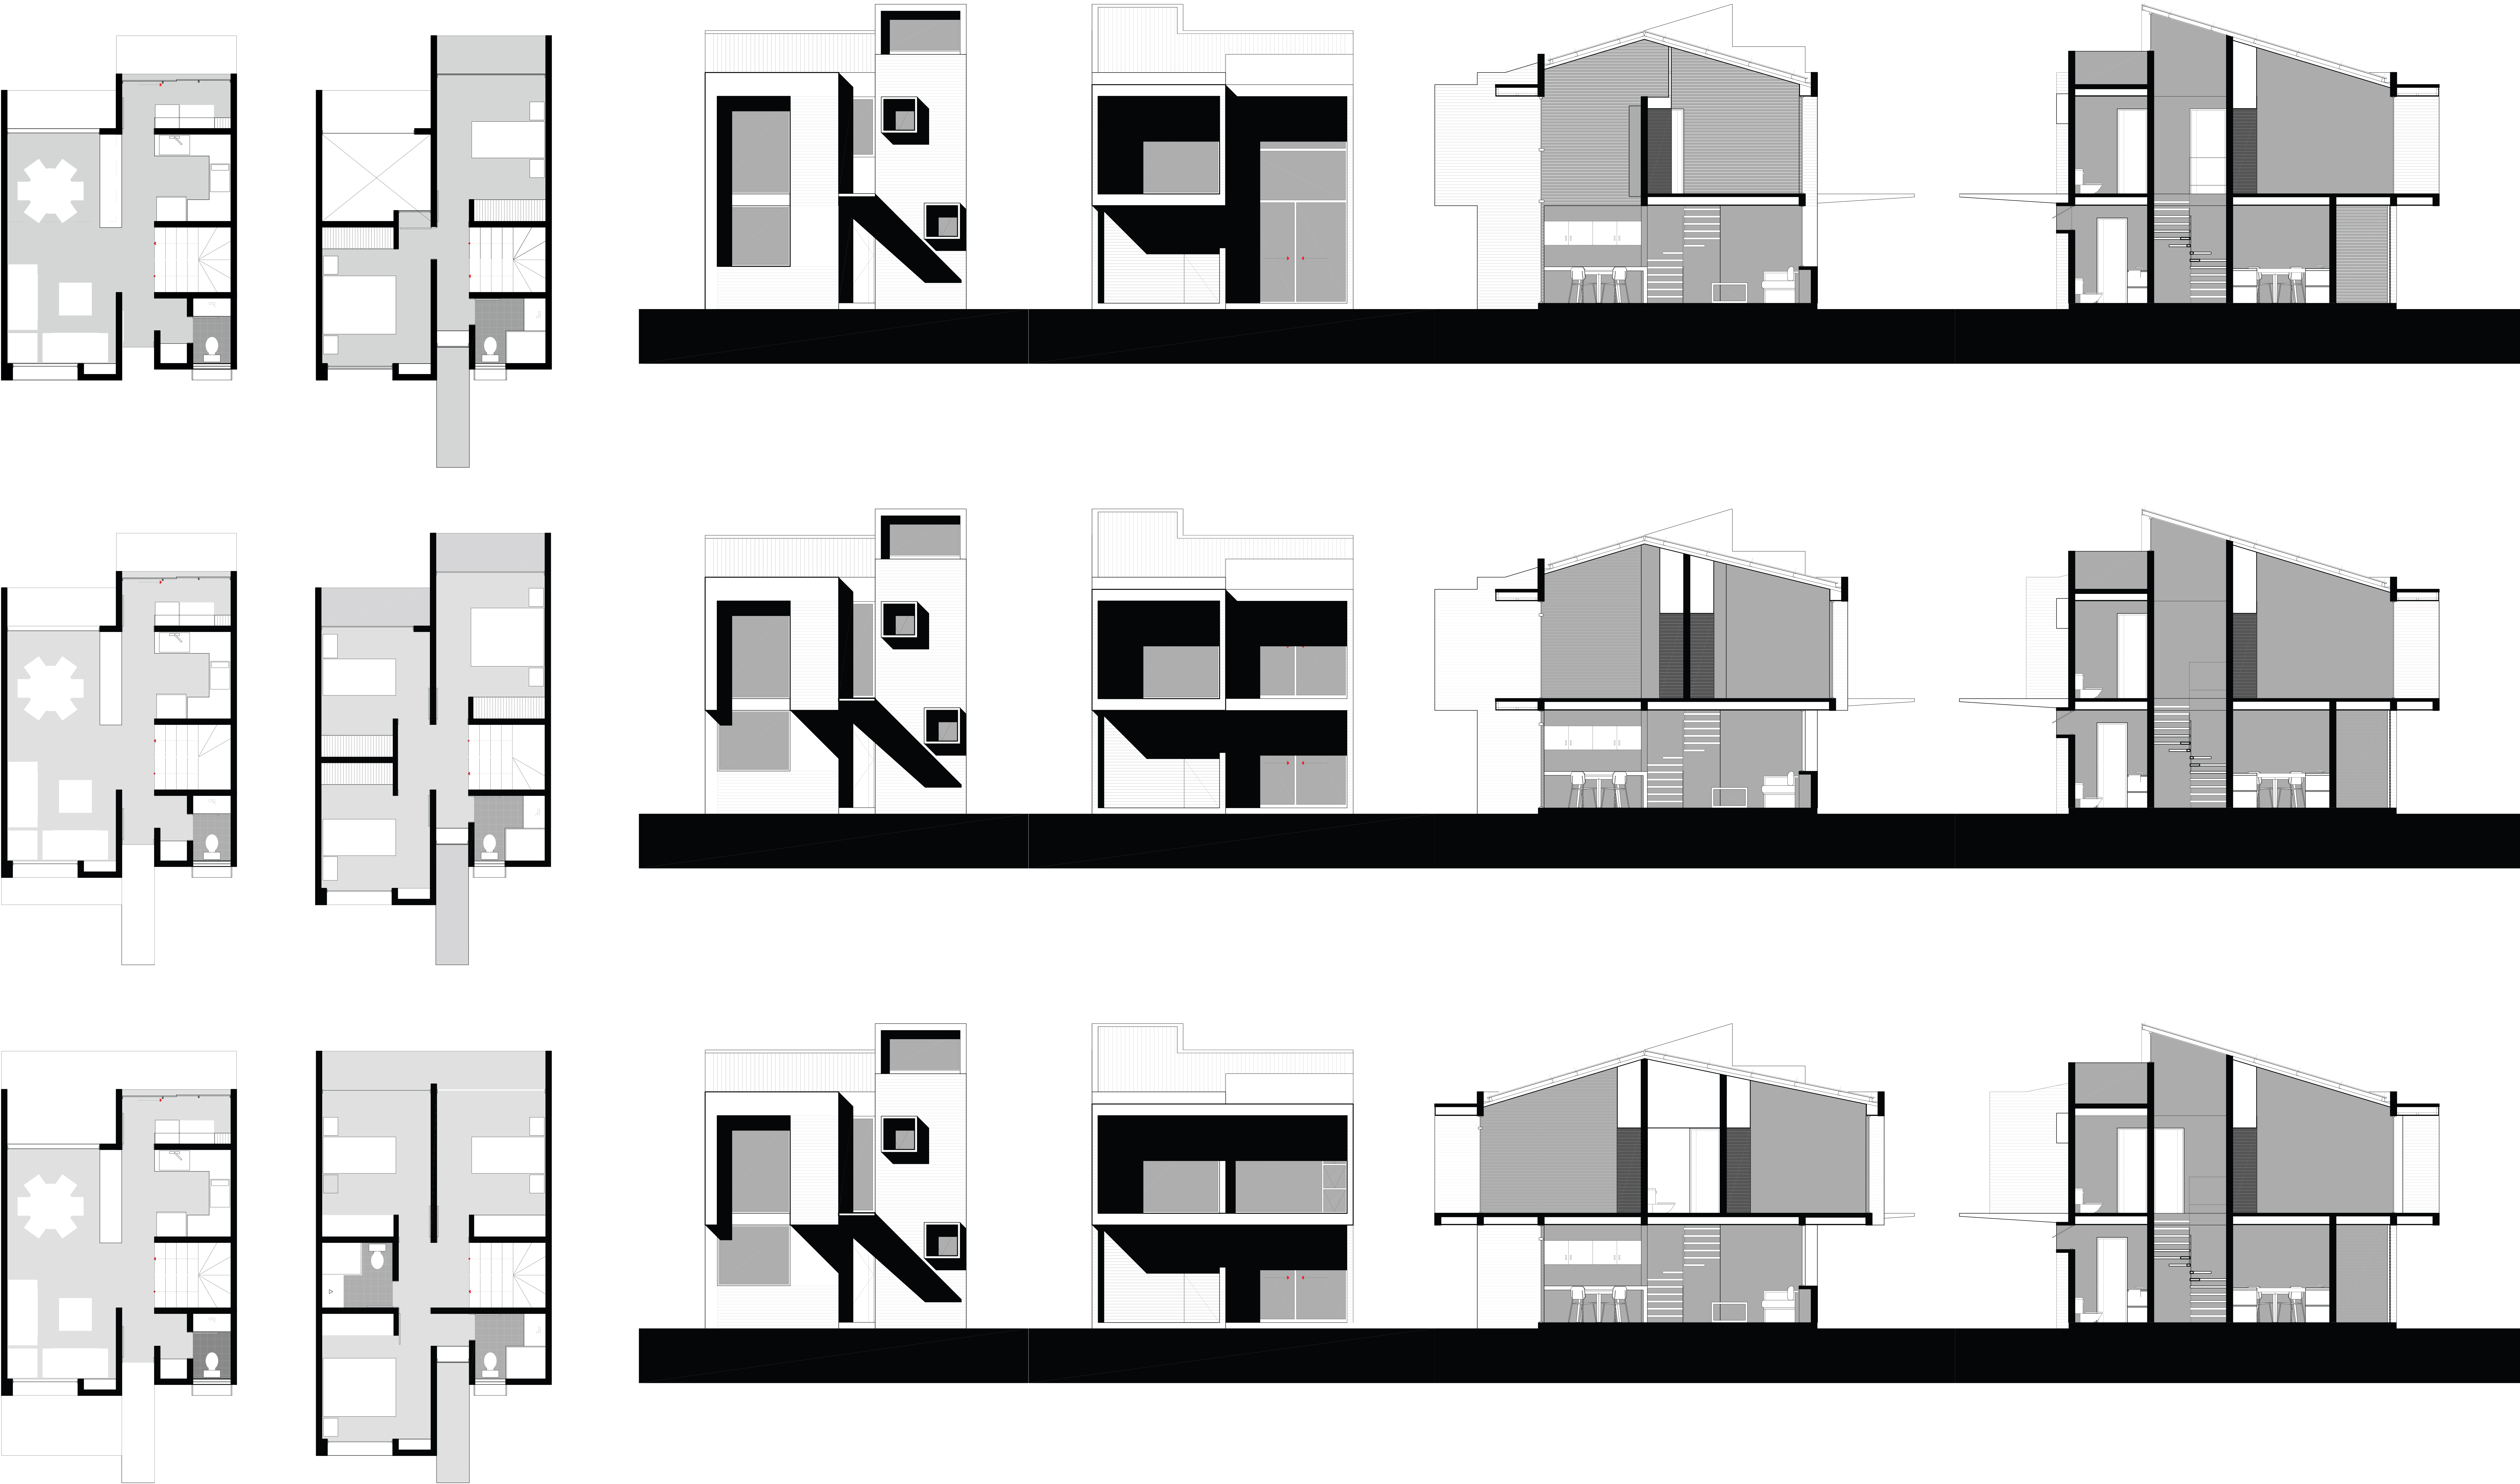 Unidades Habitacionales - Tipologías